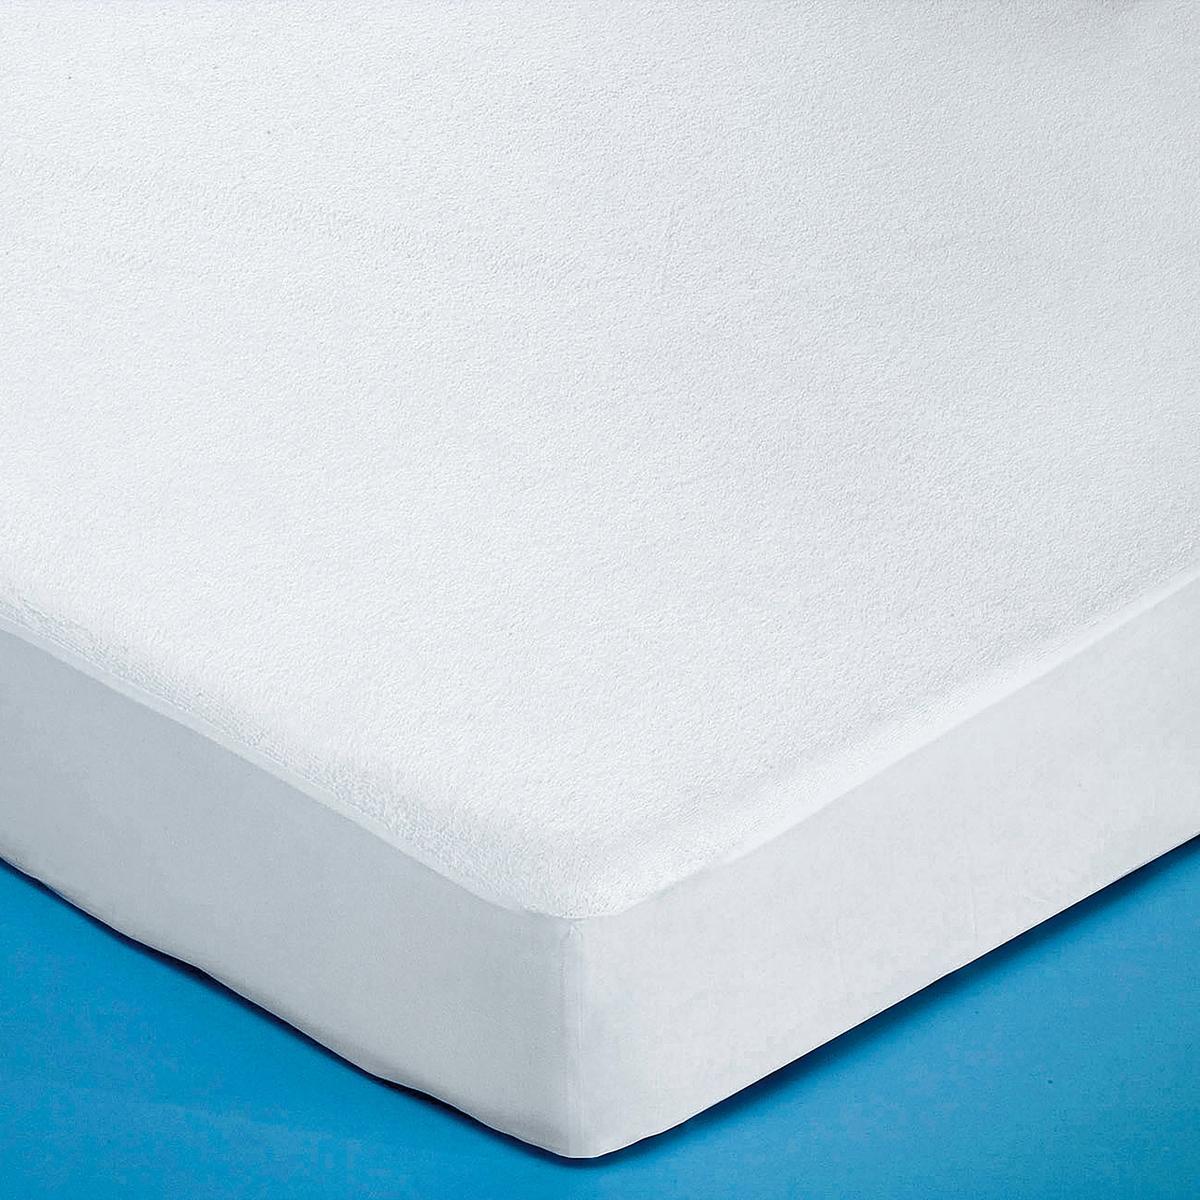 Чехол La Redoute Защитный для матраса из махровой ткани с завитым ворсом на полиуретане 60 x 120 см белый мат для защитный для автомобиля мастерпроф с возможностью крепления на углах и колоннах 33 x 20 x 1 см